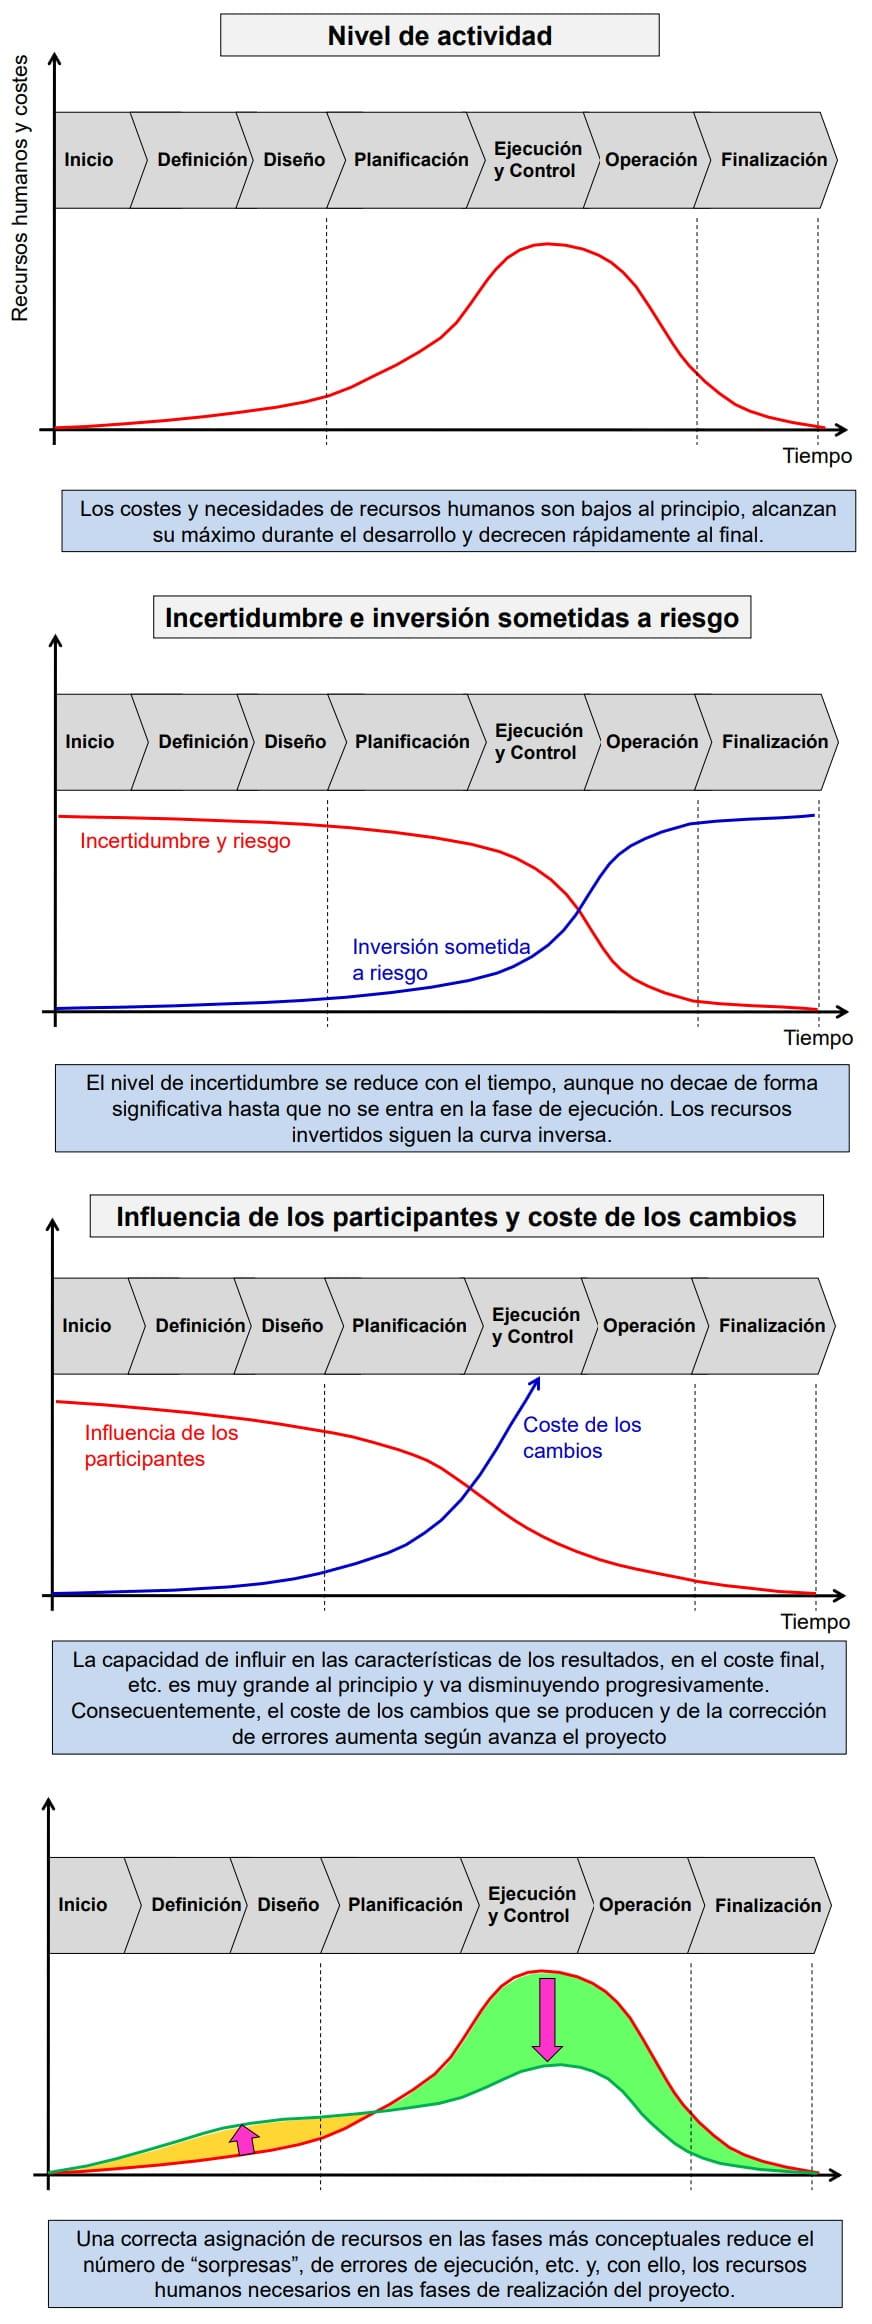 Protocolo actuación y prevención obras COVID 19: El mejor ejemplo guía y mucho más